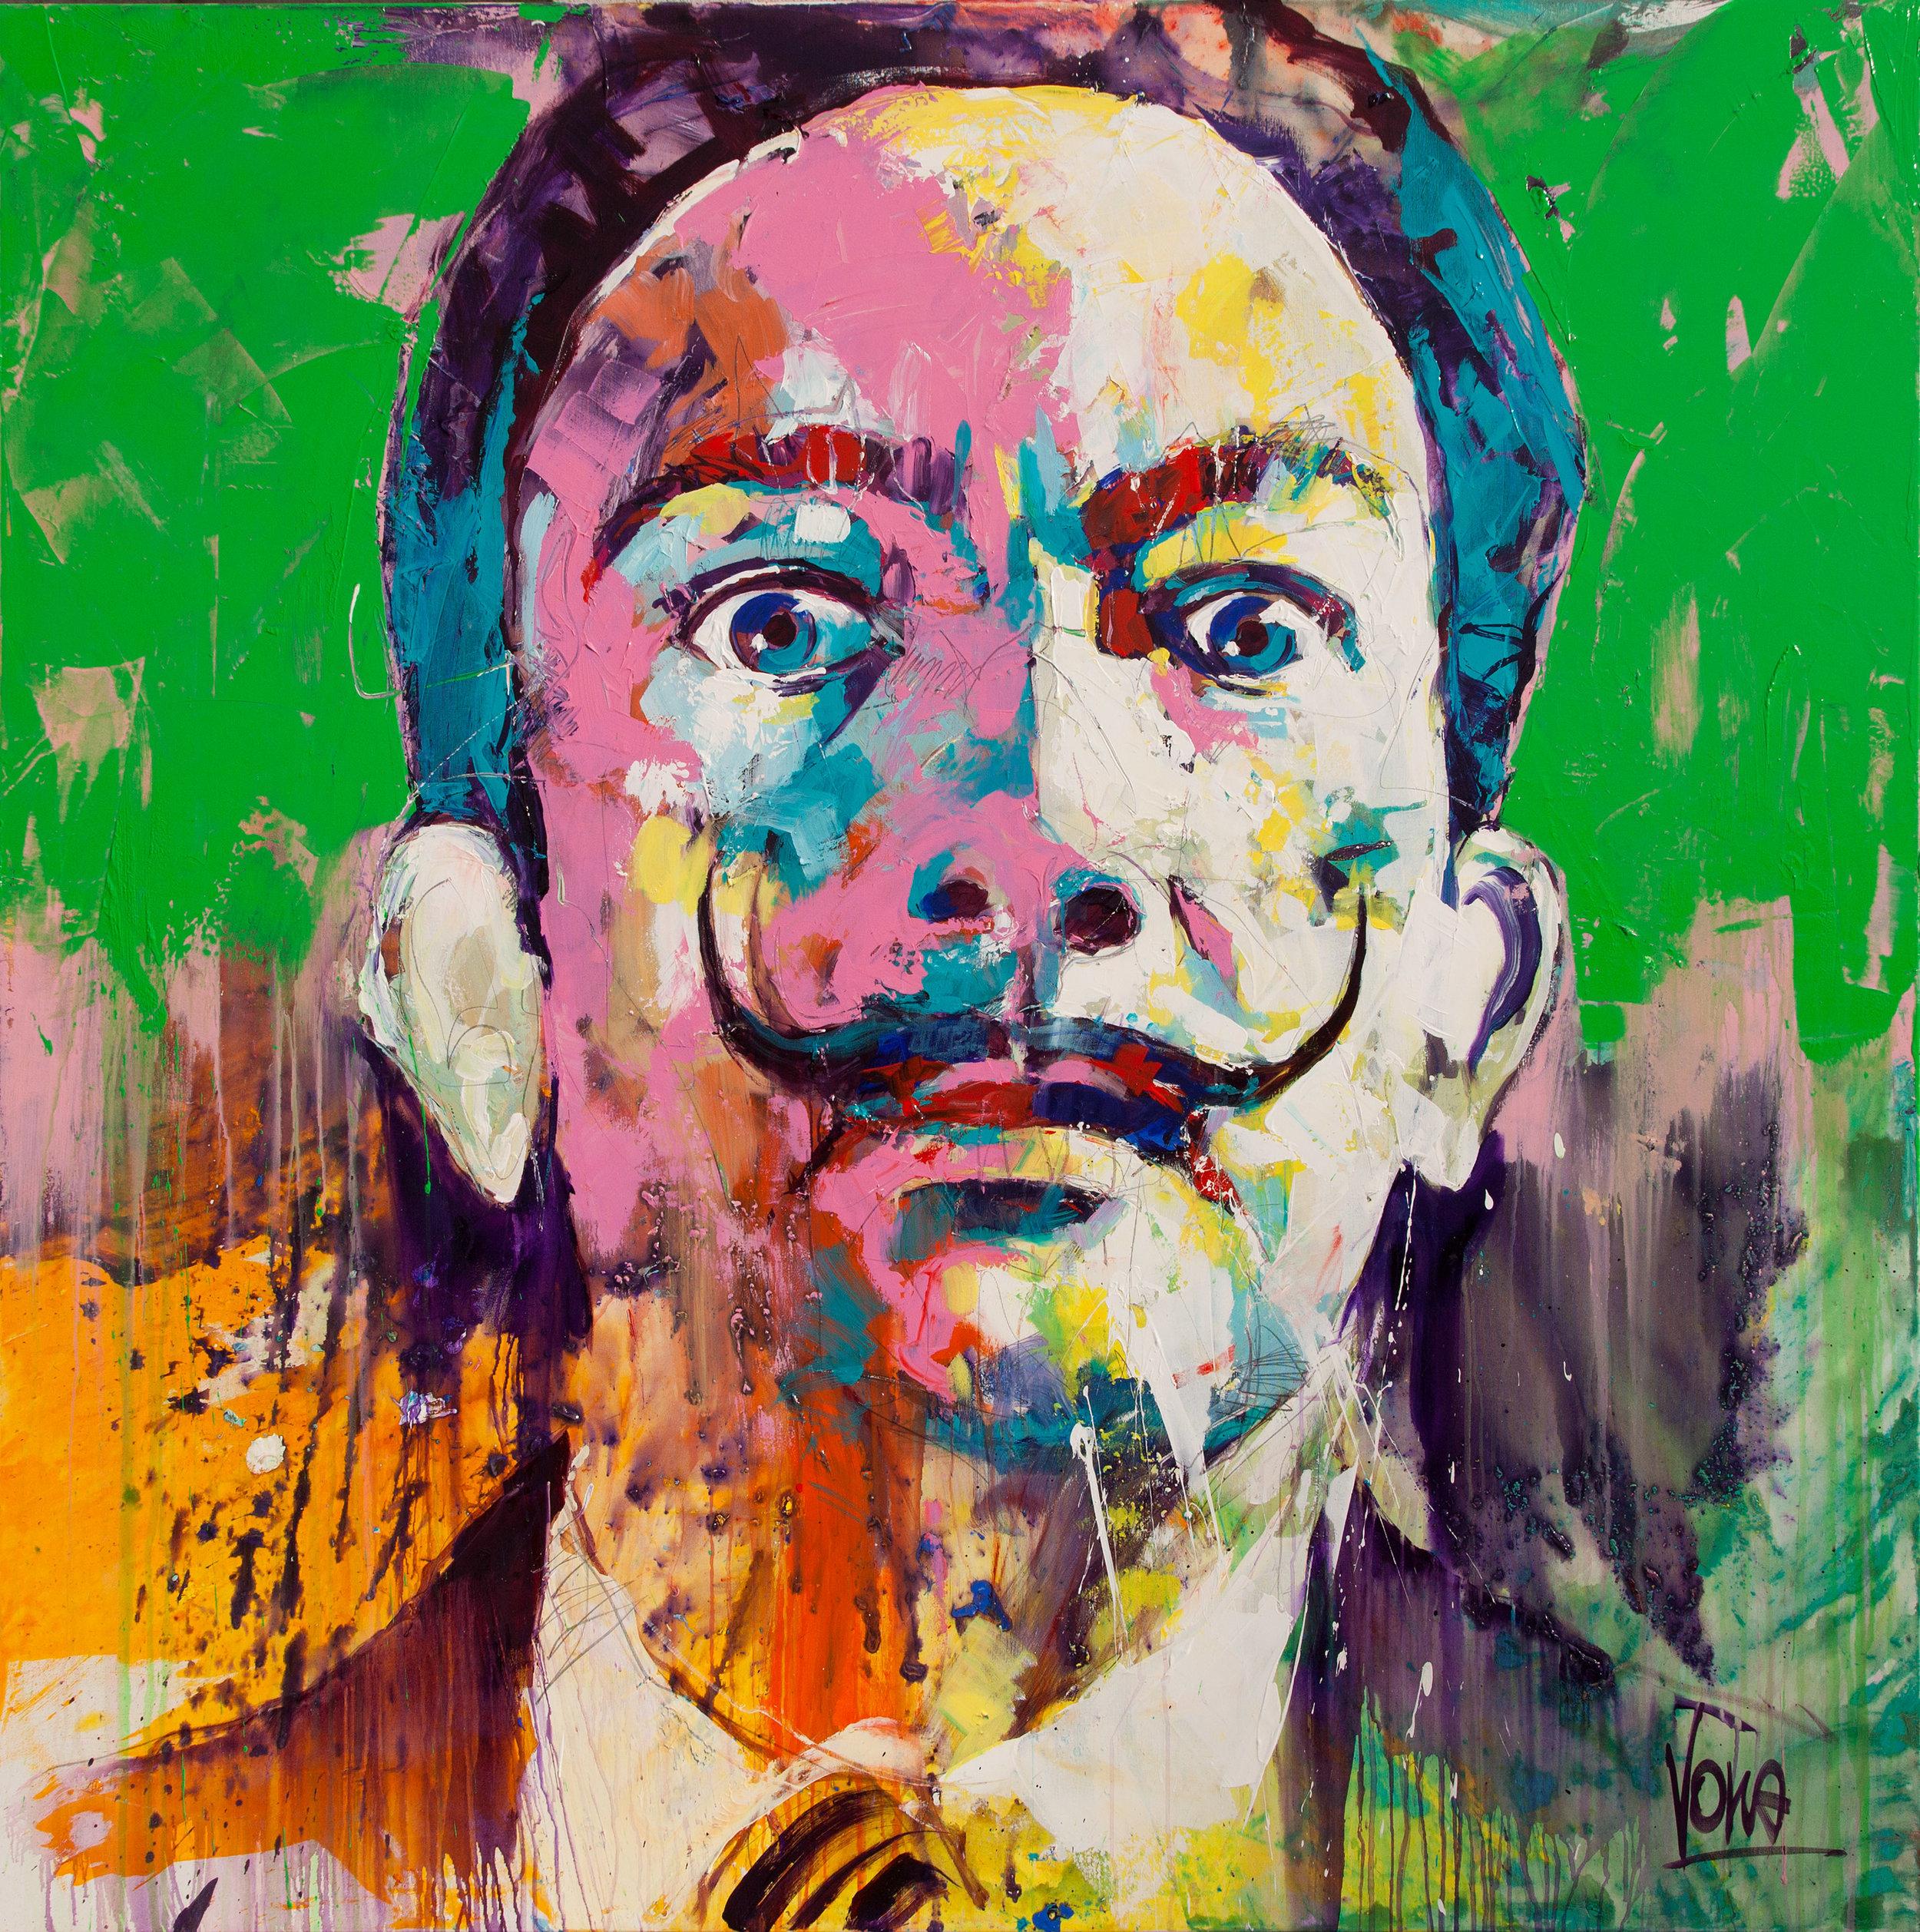 Dali, 190x190 cm/74,8x74,8 inch, Acrylic on Canvas